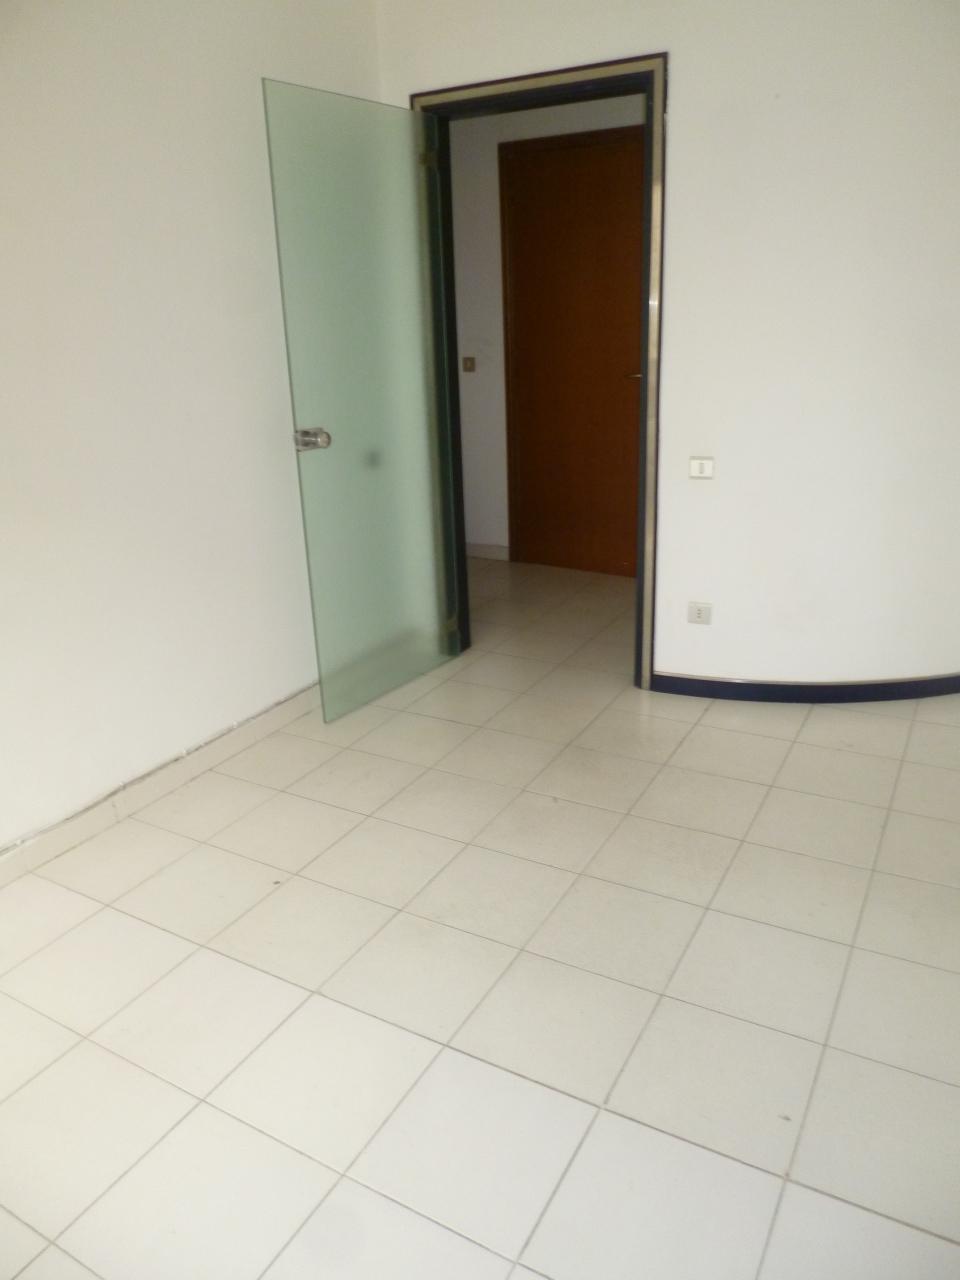 Ufficio / Studio in affitto a Livorno, 3 locali, prezzo € 400 | Cambio Casa.it